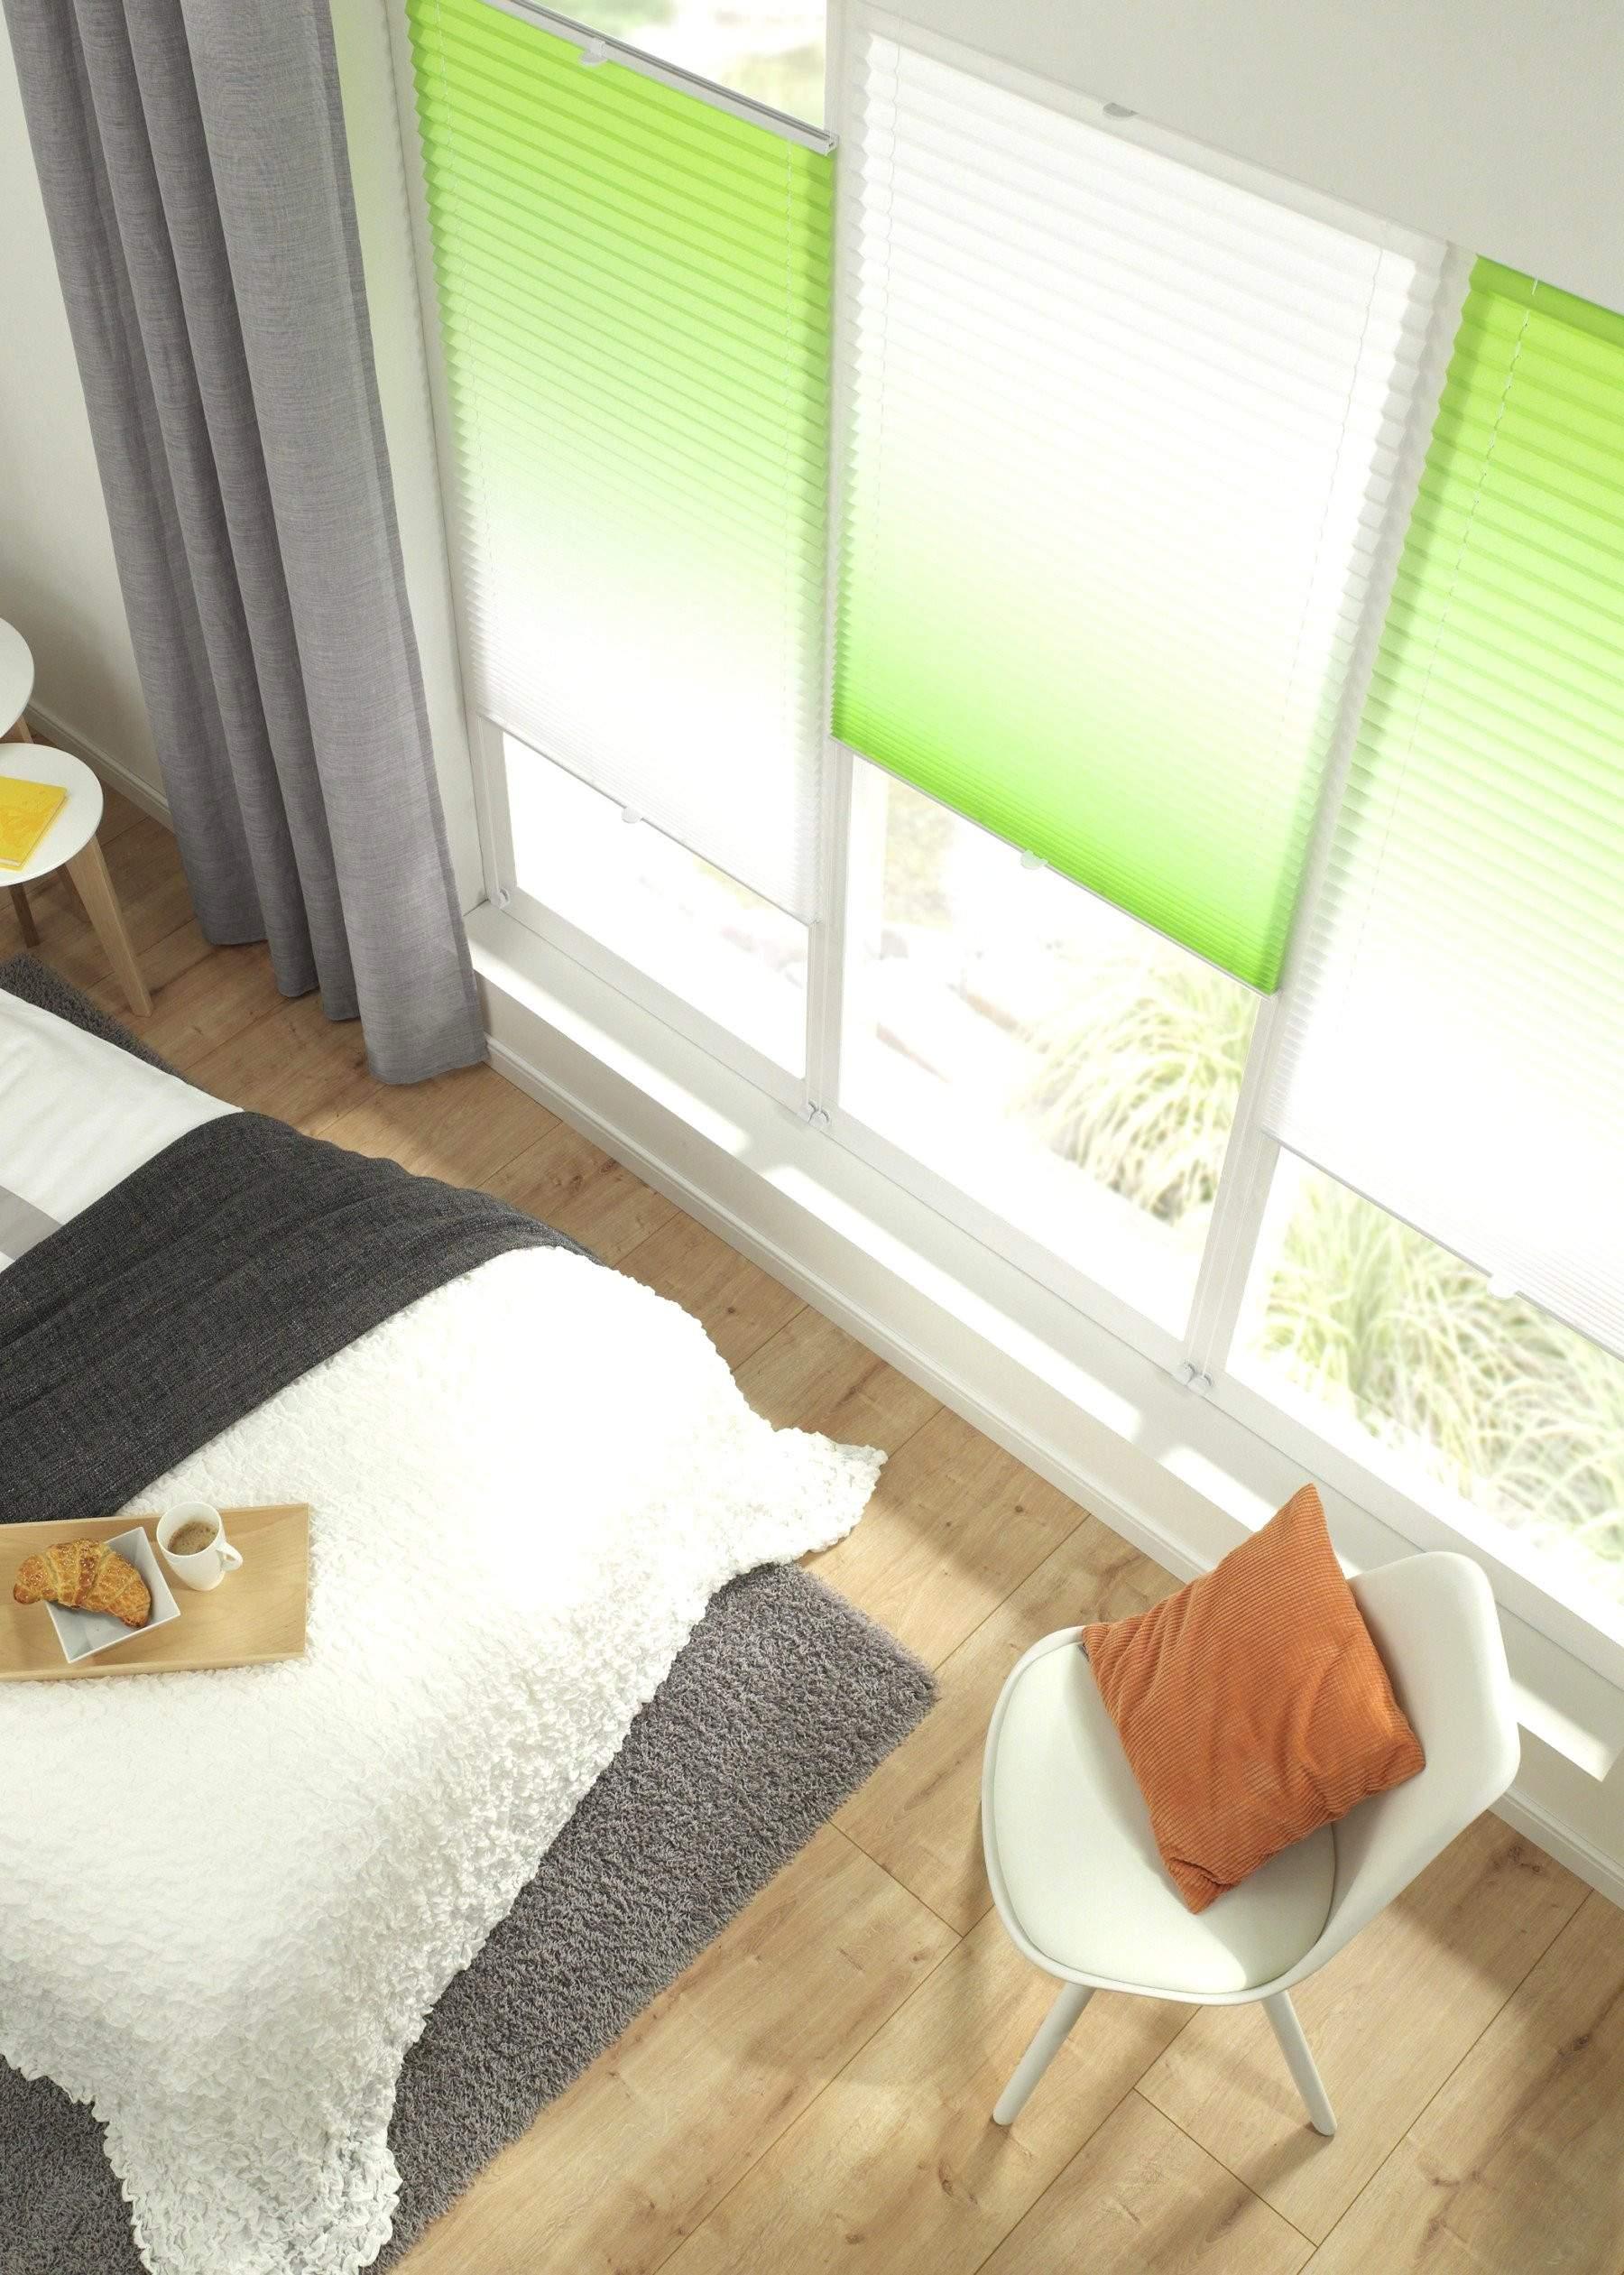 gardinen ideen wohnzimmer neu wohnzimmer fenster gardinen neu plissee wohnzimmer 0d design of gardinen ideen wohnzimmer